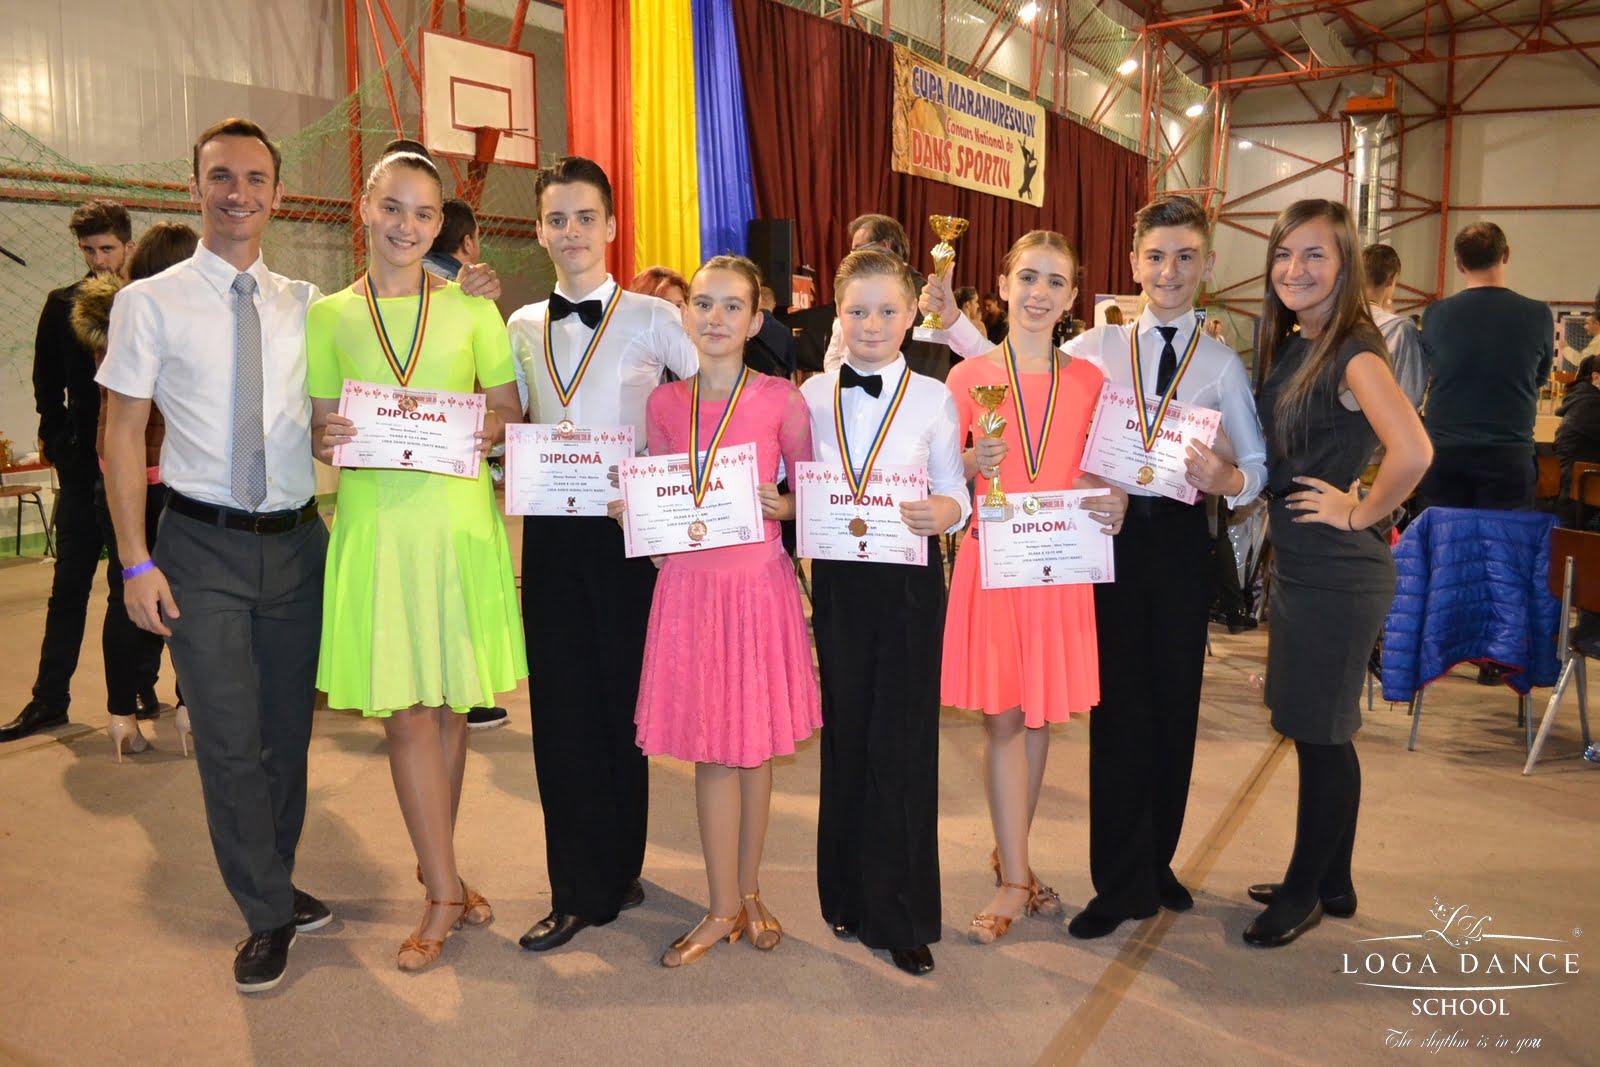 Loga Dance s-a întors de la Cupa Maramureșului cu medalii. A avut 4 perechi în finală